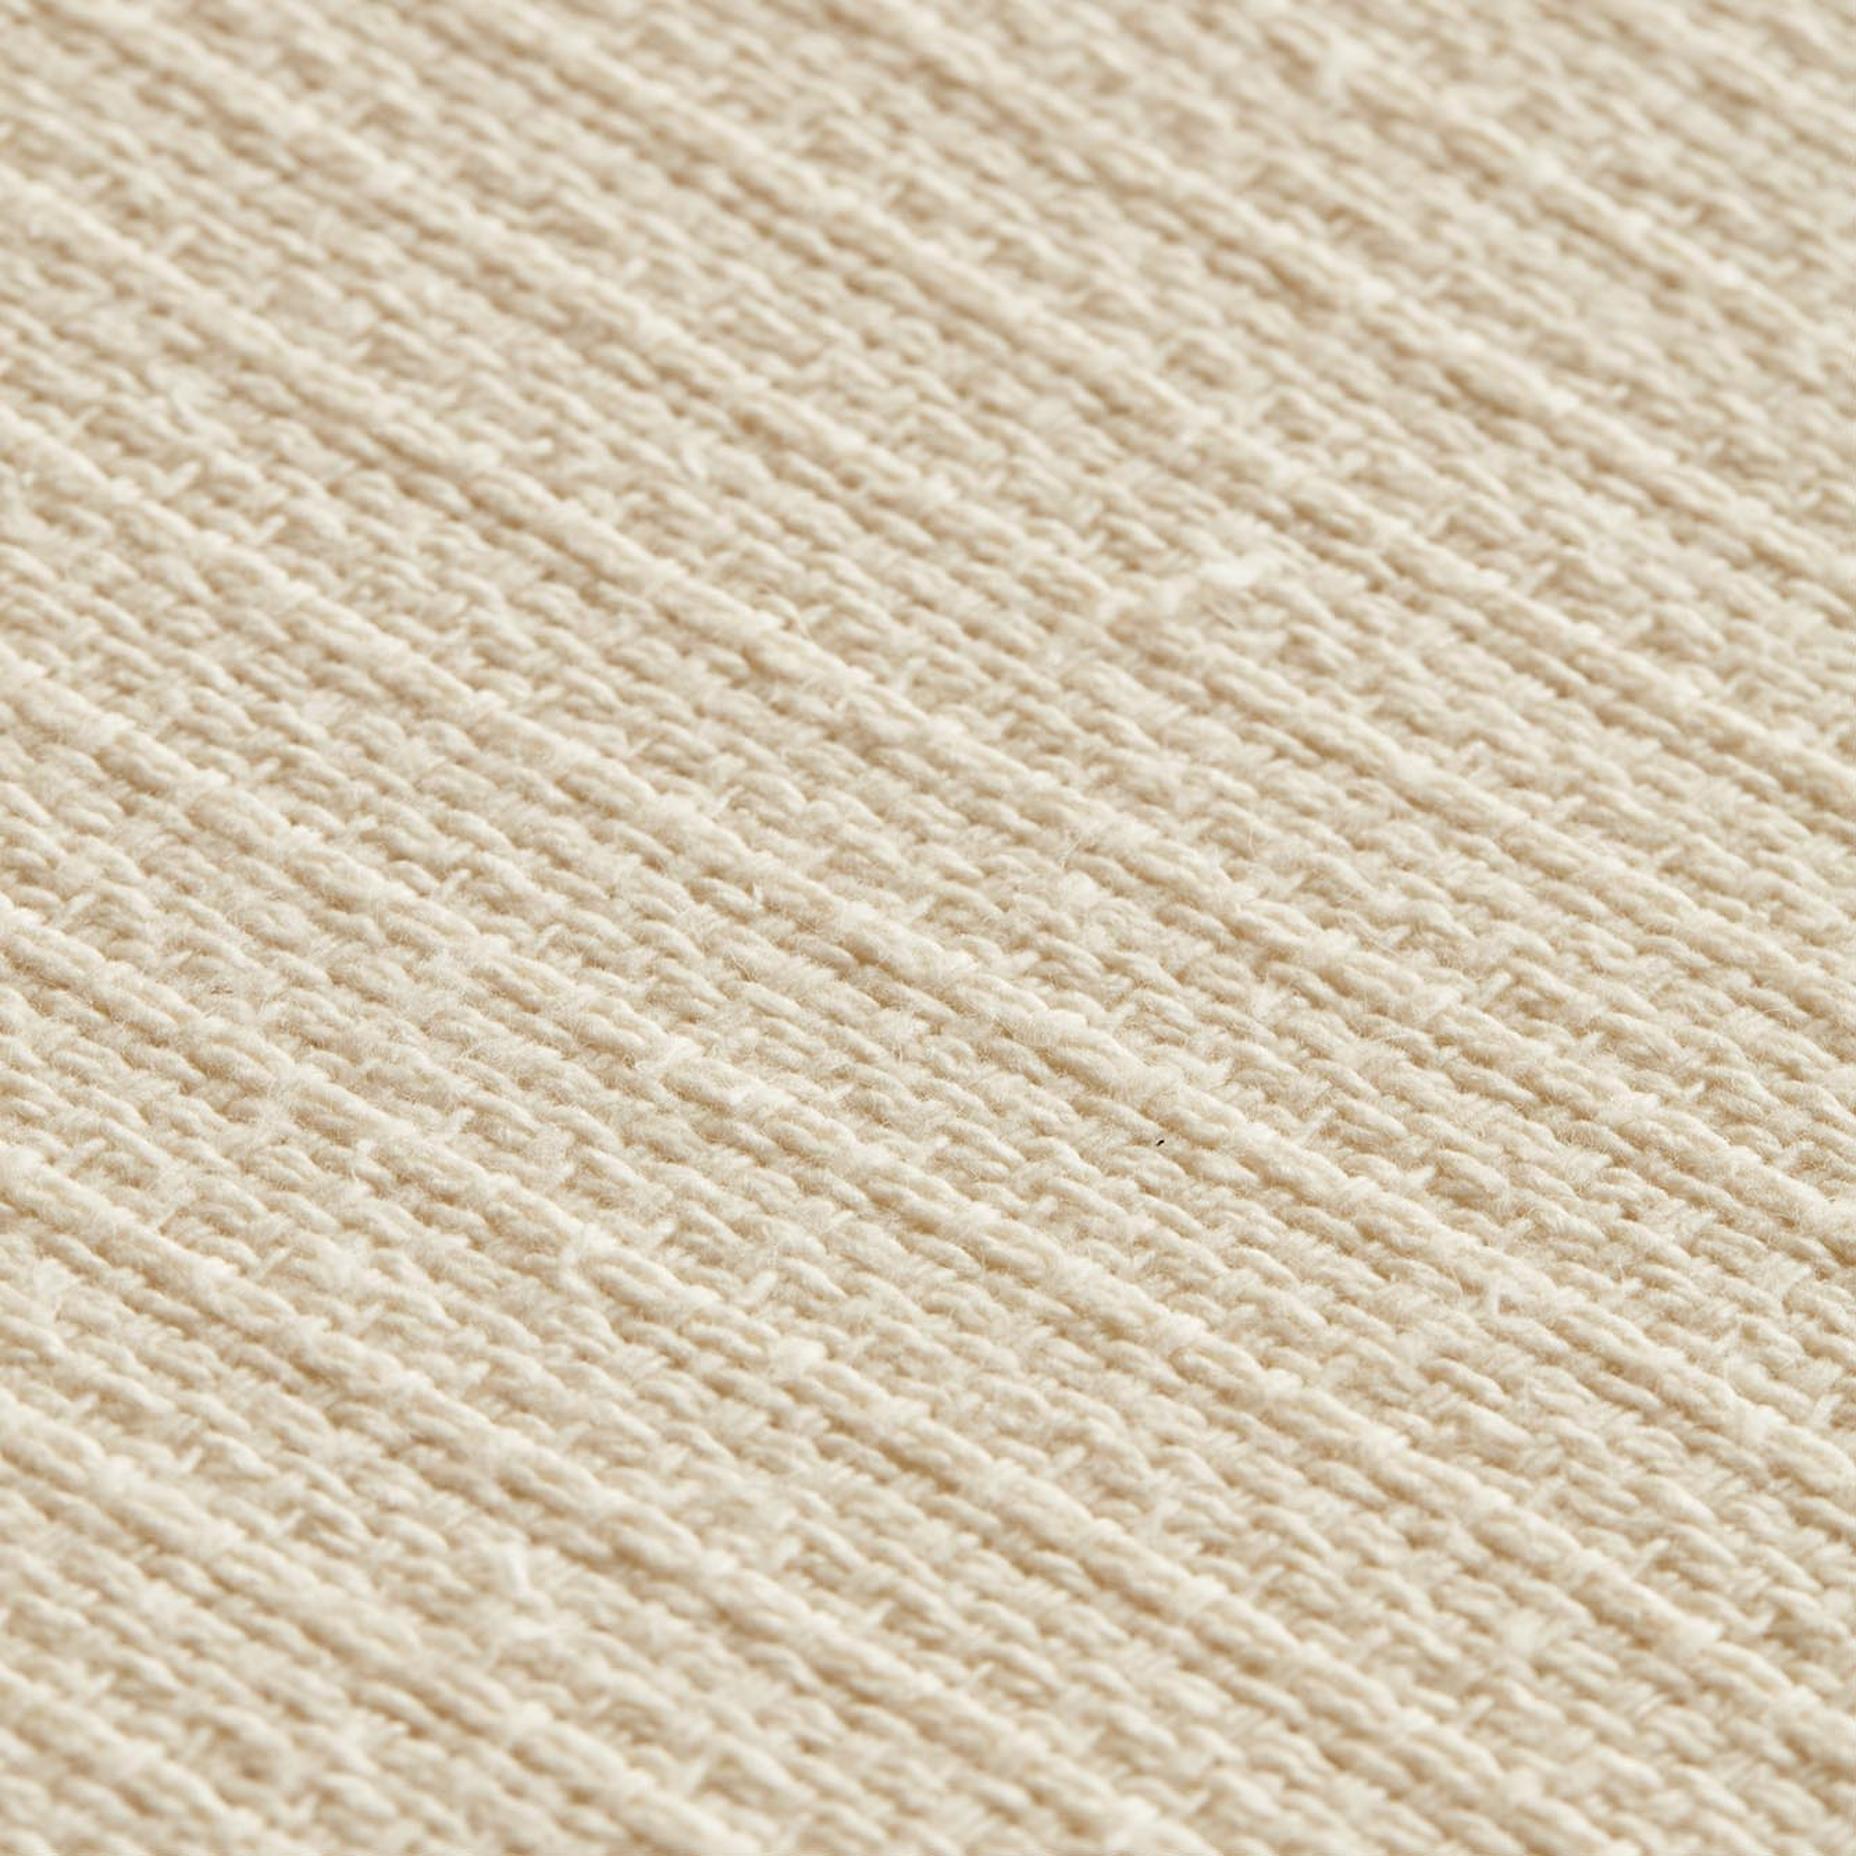 %100 Pamuk Verona Çift Kişilik Yatak Örtüsü Seti Ekru (220x240 cm)